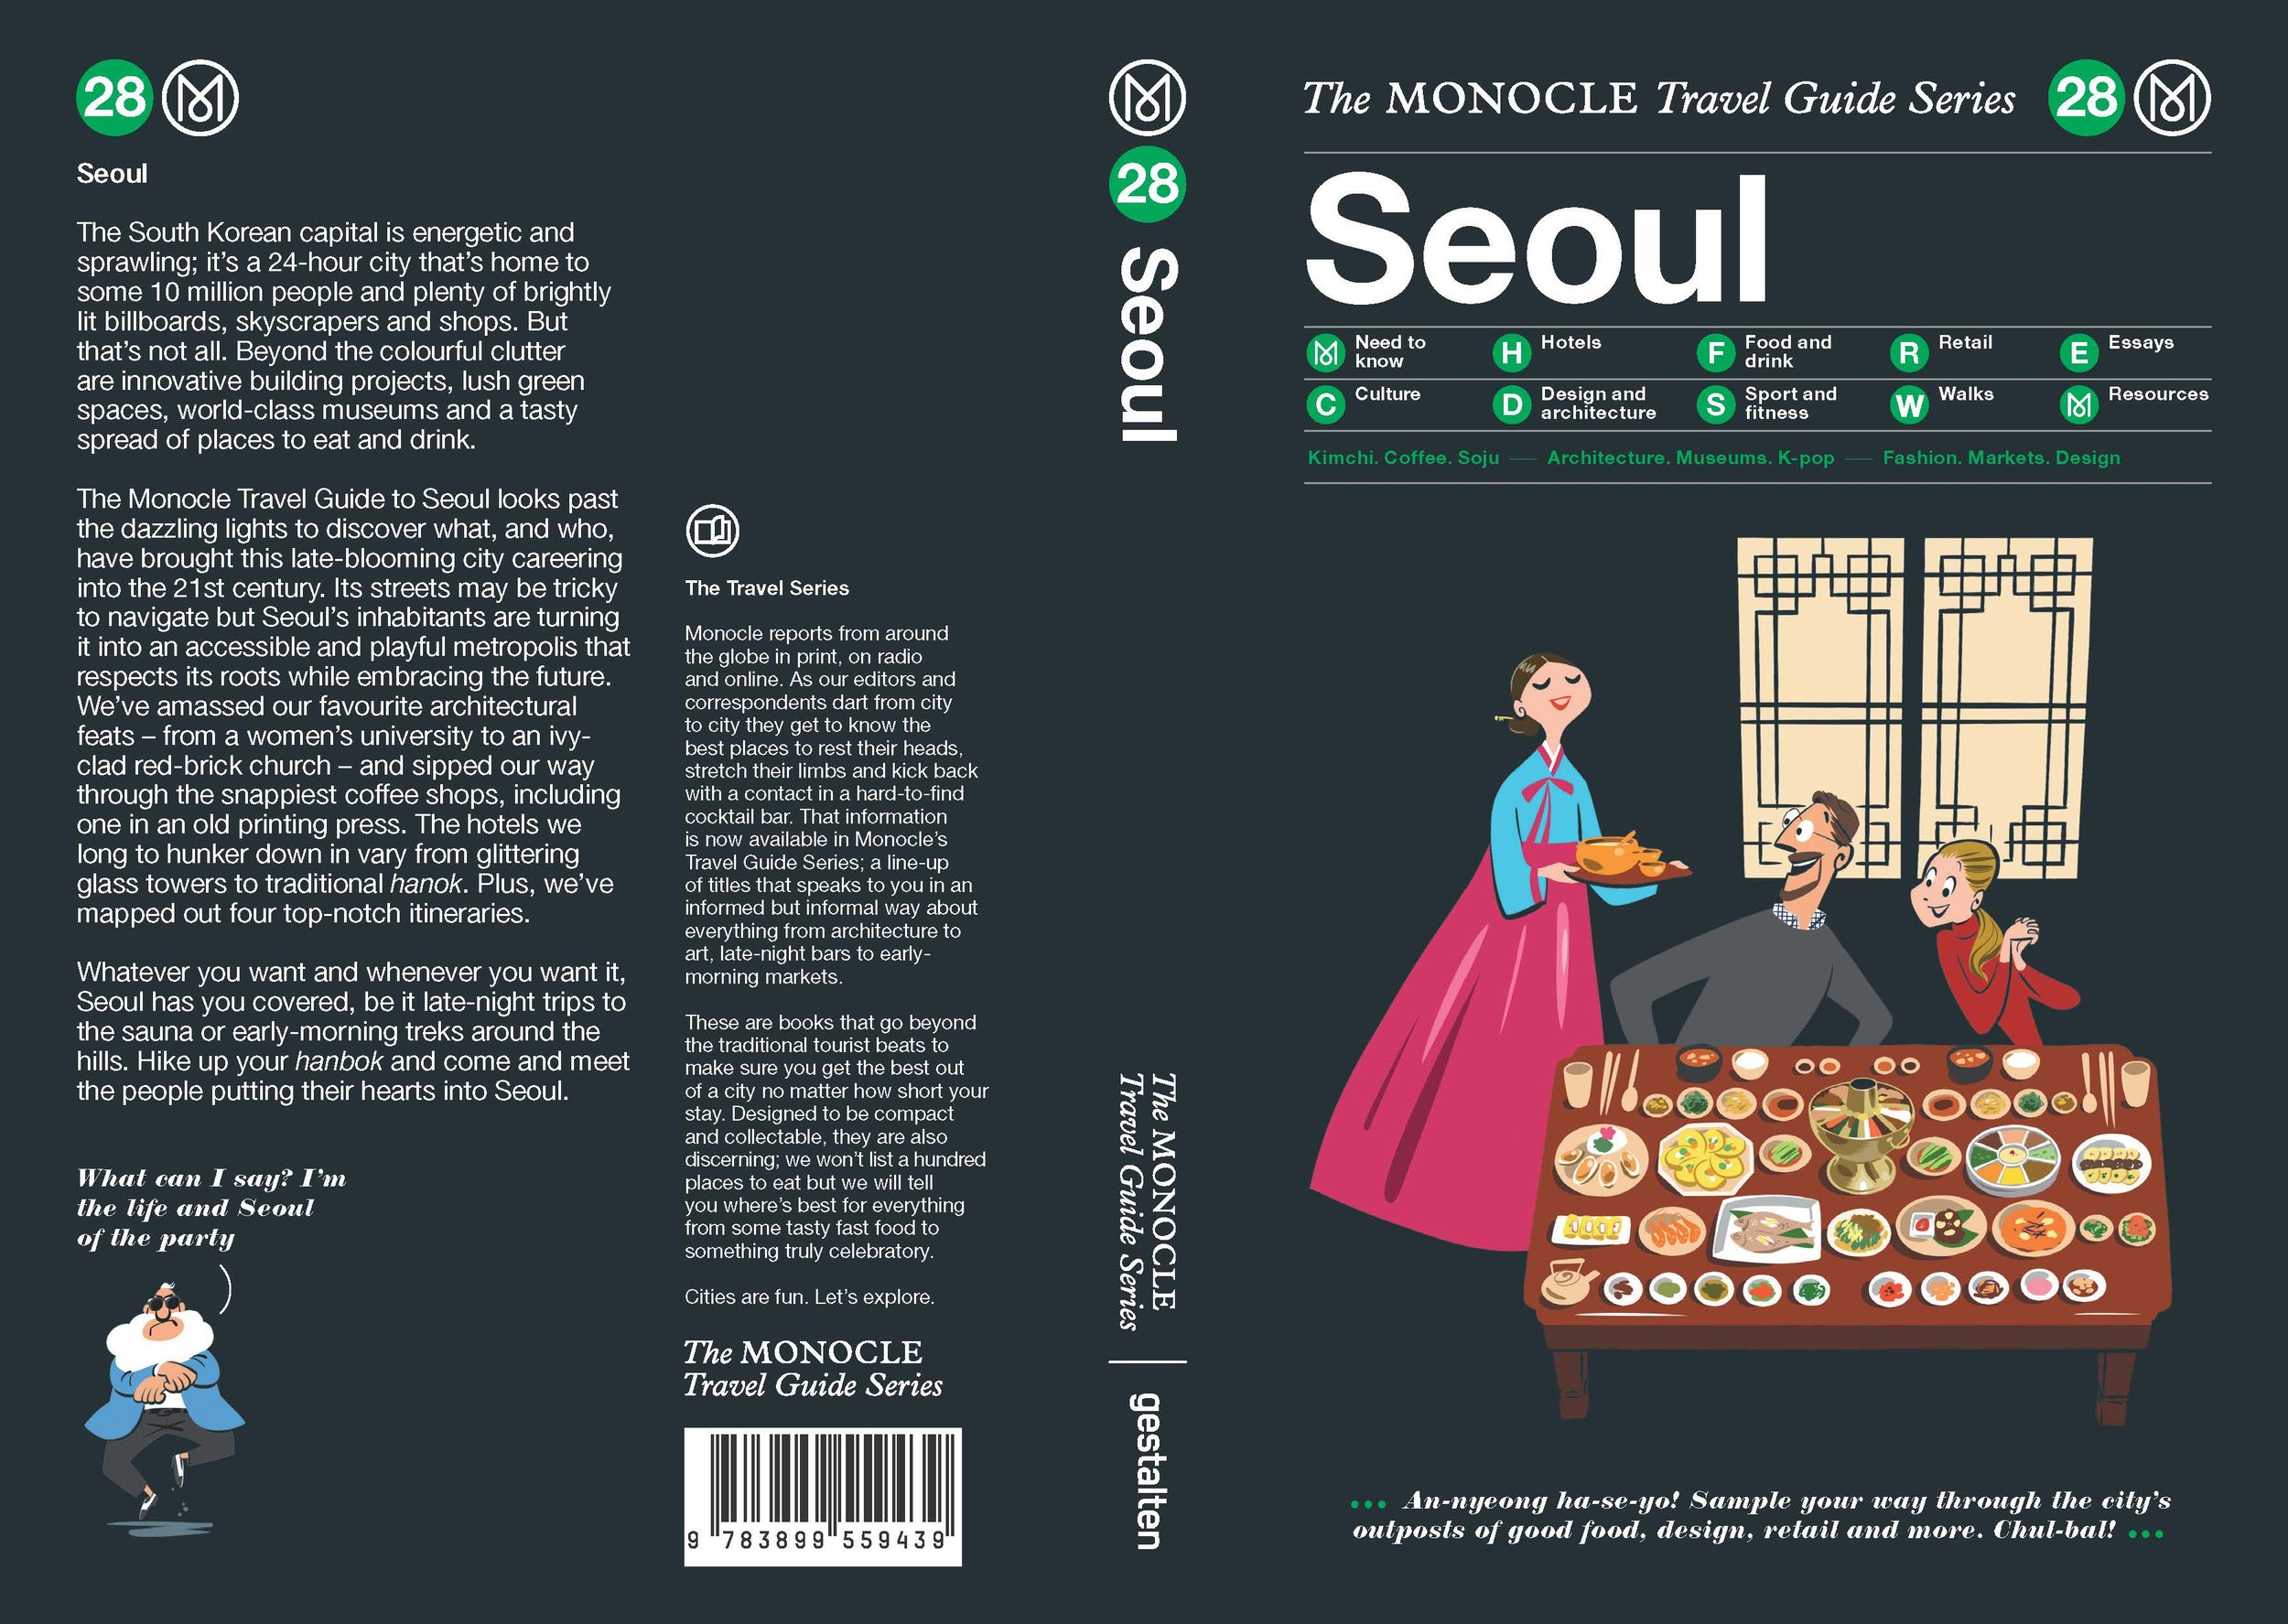 000_Seoul_full cover.jpg